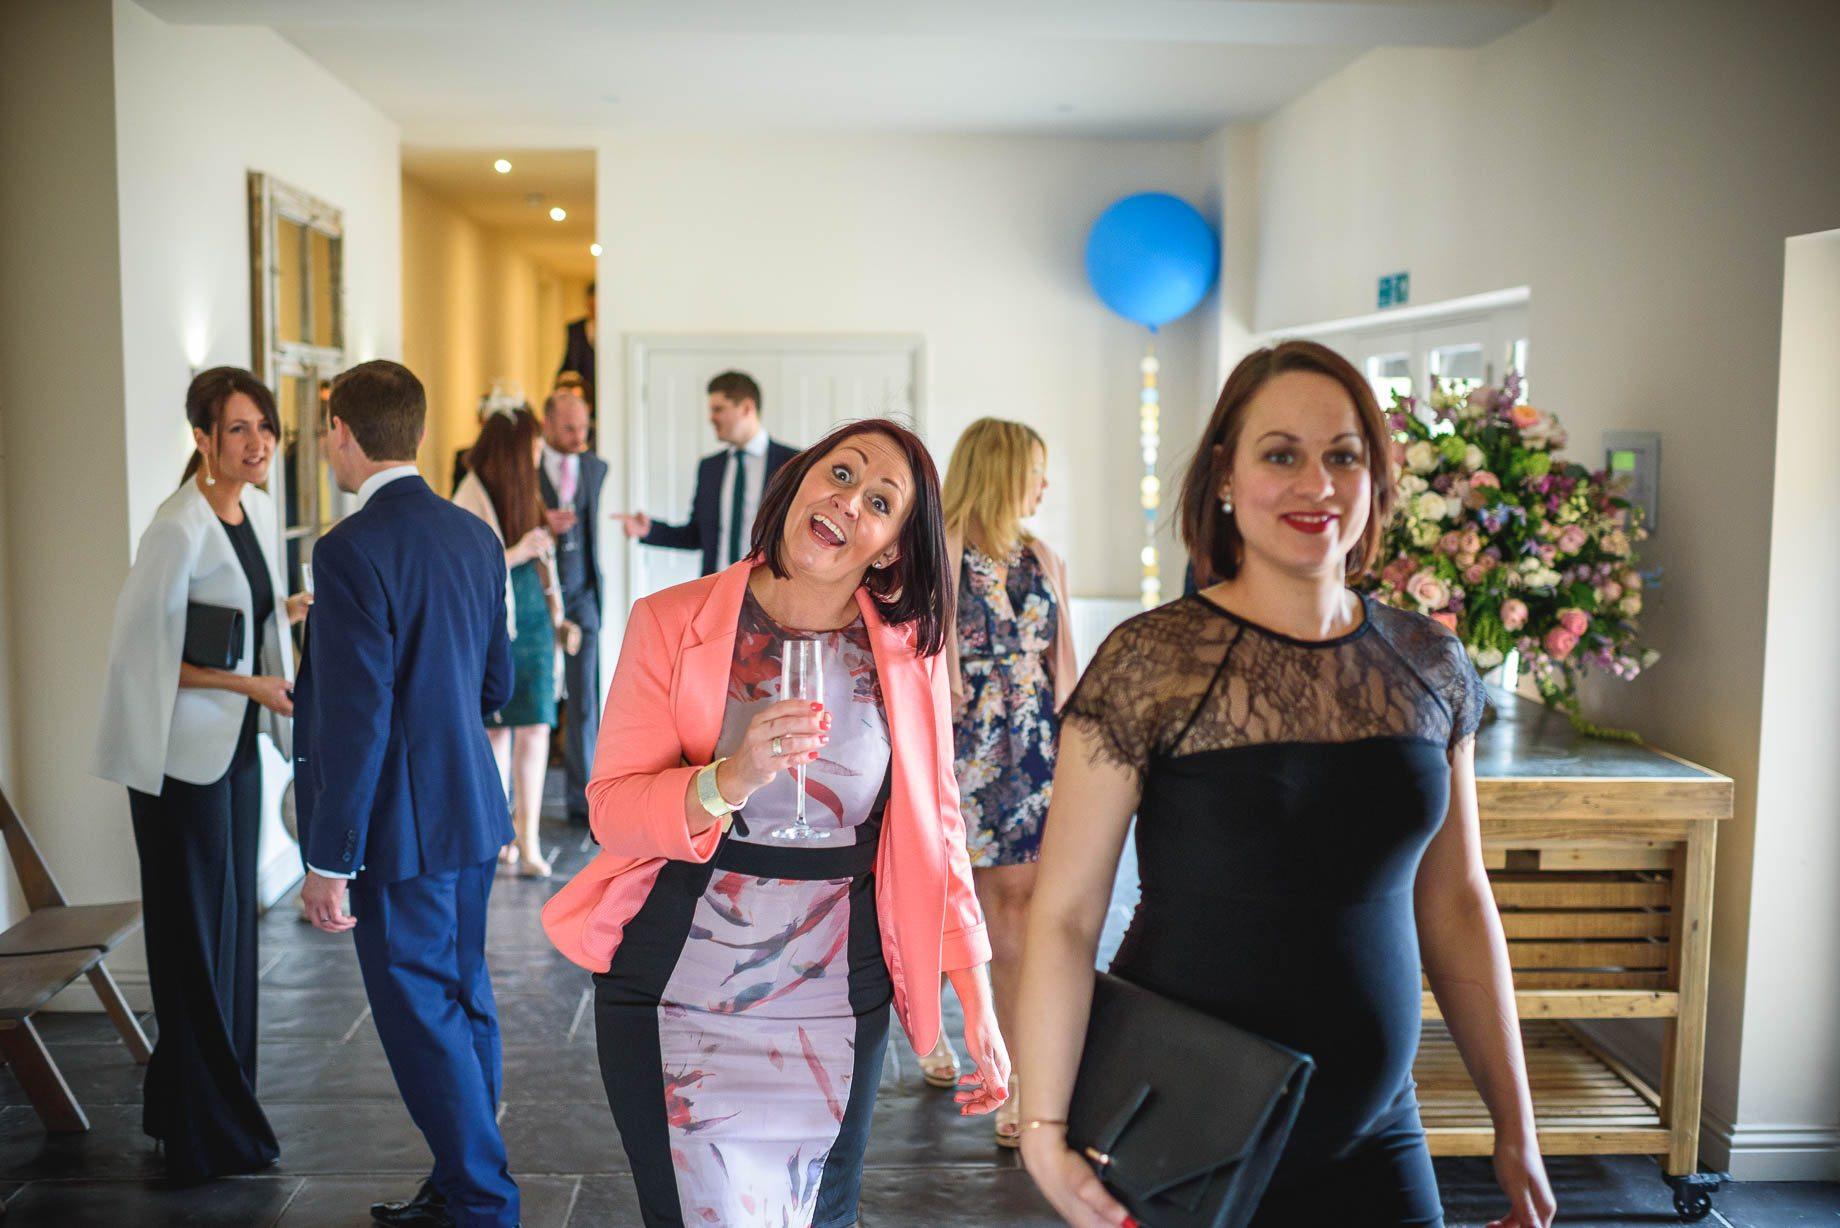 Millbridge Court Wedding Photography - Lisa and Daniel (114 of 173)